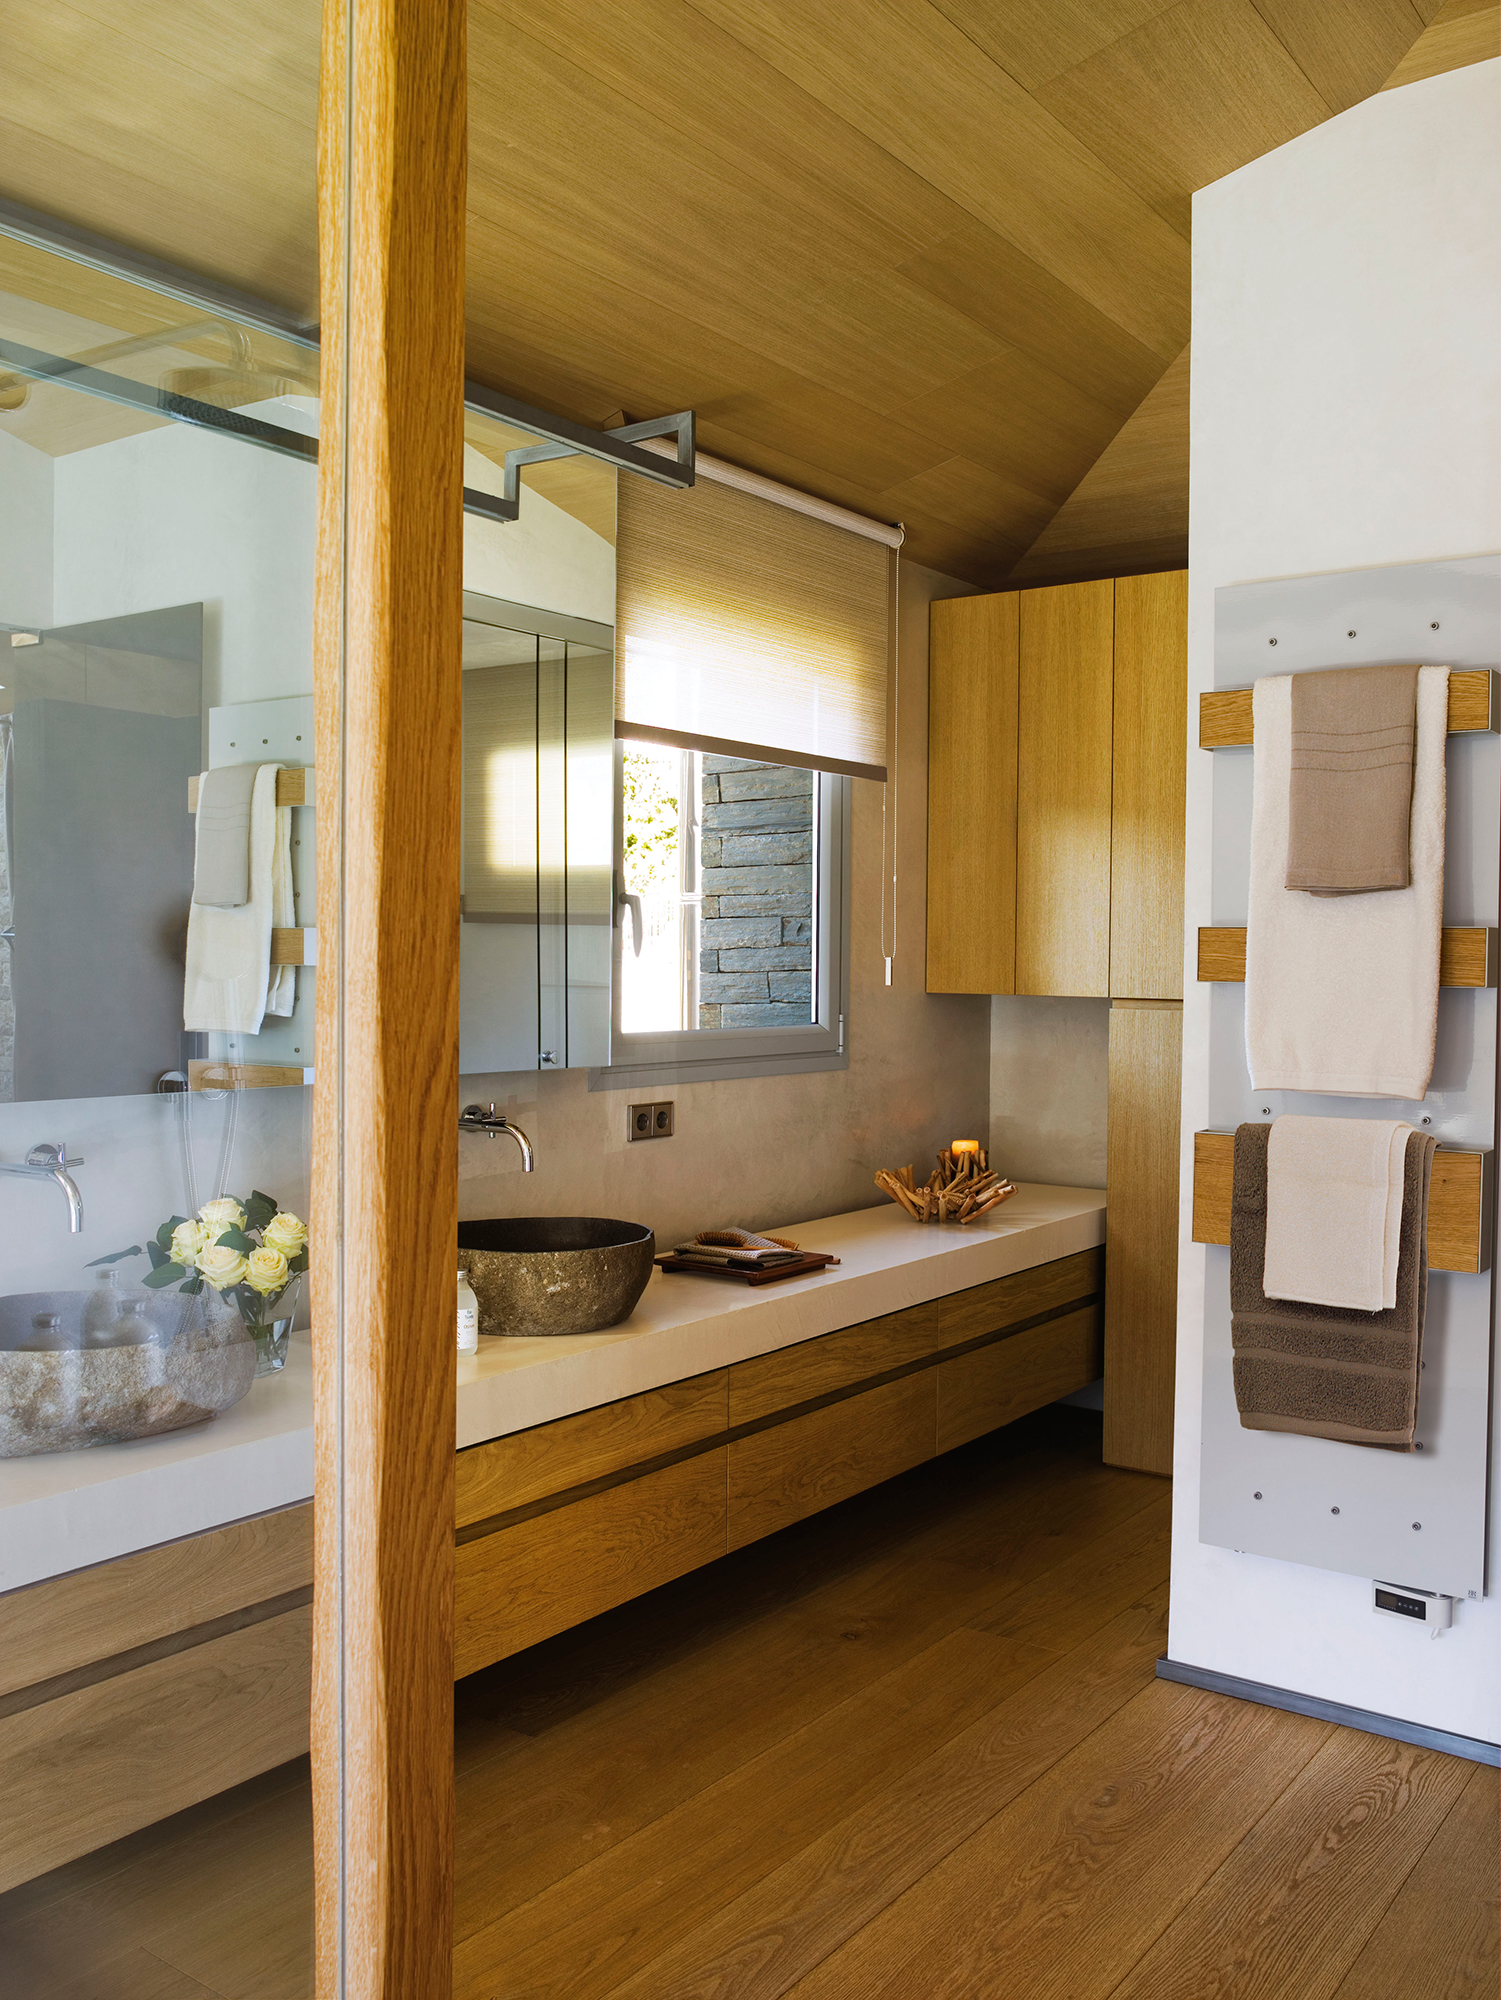 Radiadores toallero claves para acertar - Cubrir azulejos bano ...